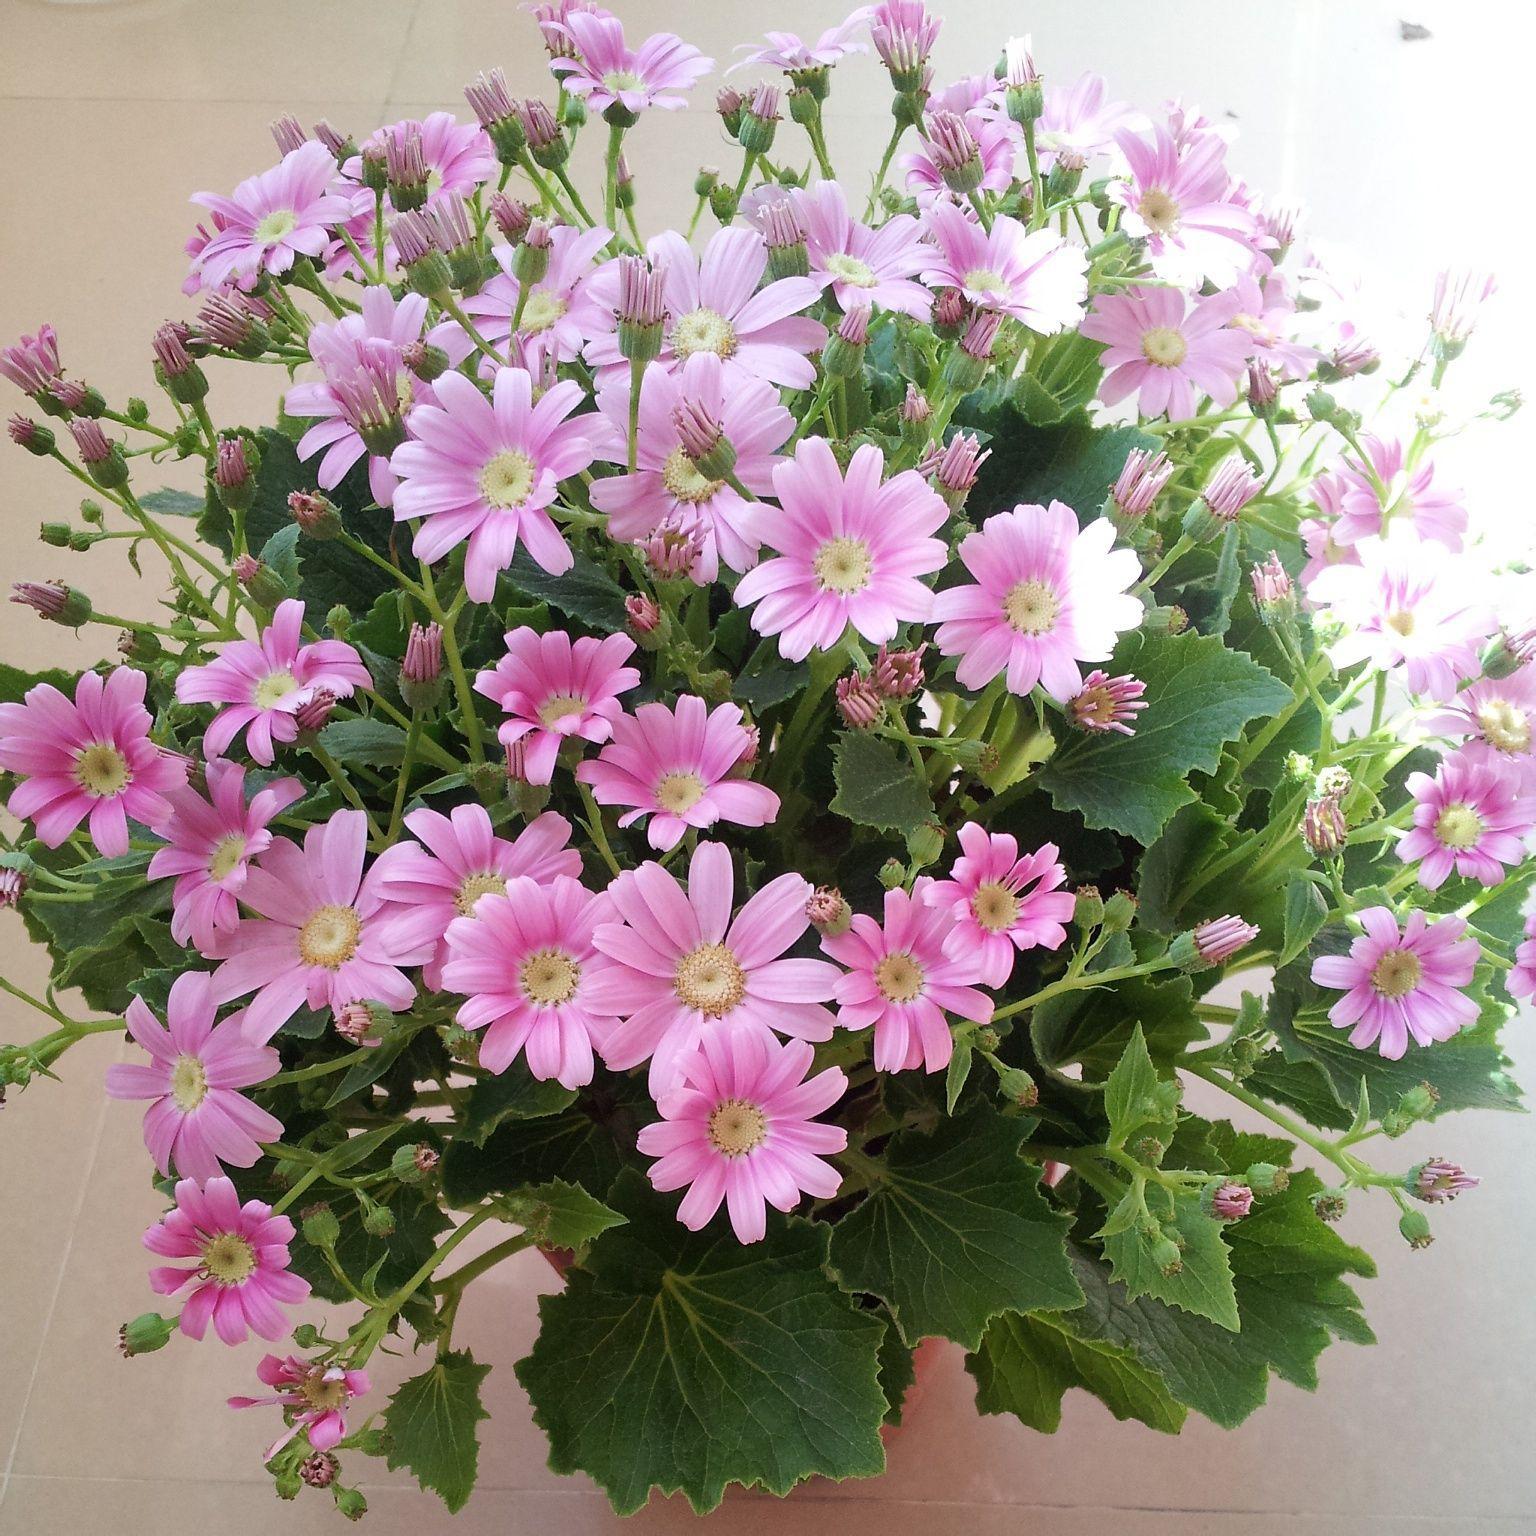 粉红色瓜叶菊